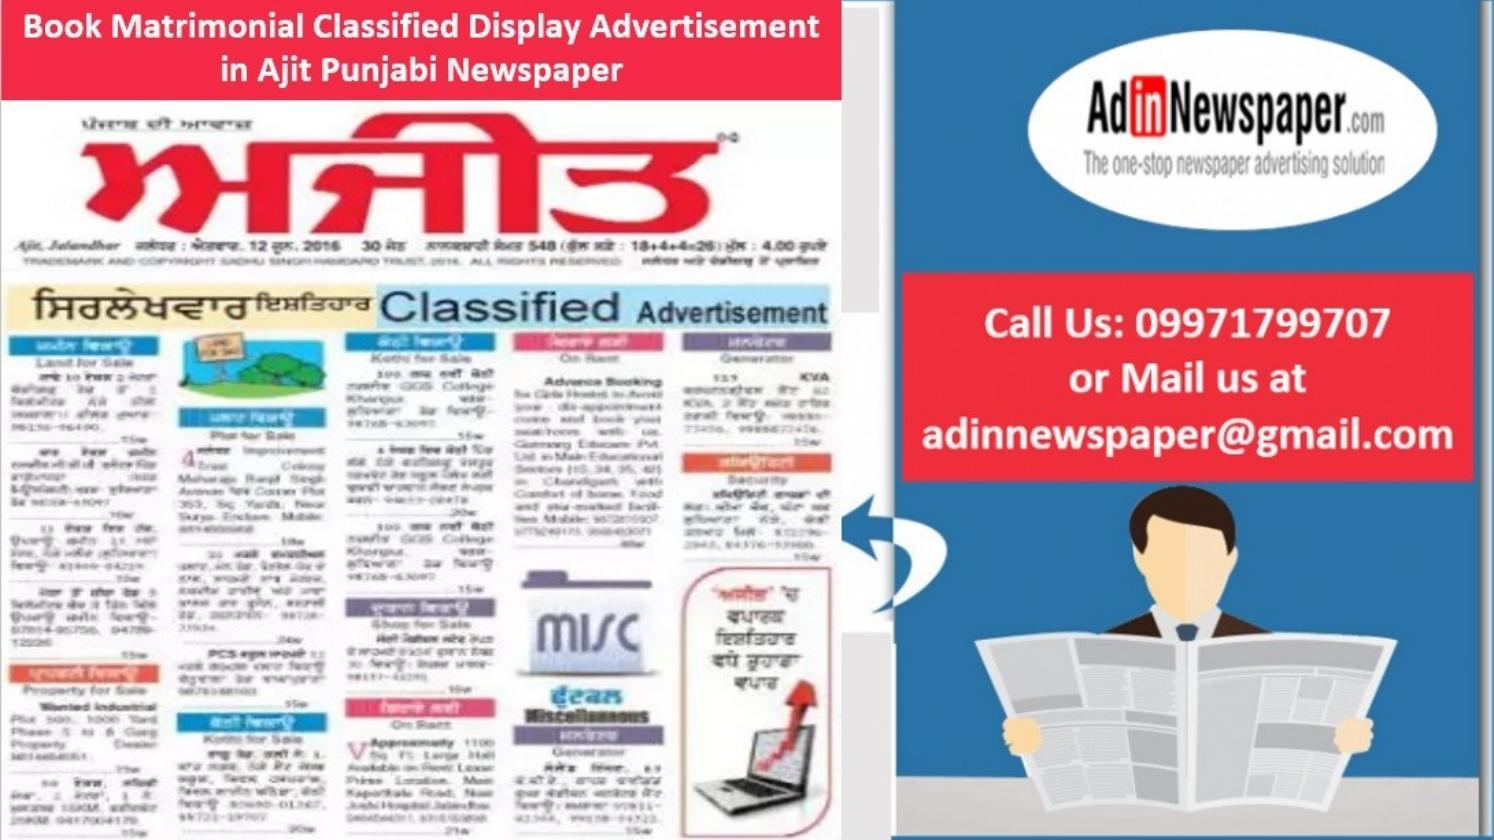 Ajit Punjabi Matrimonial Classified Display Ads by Prakash